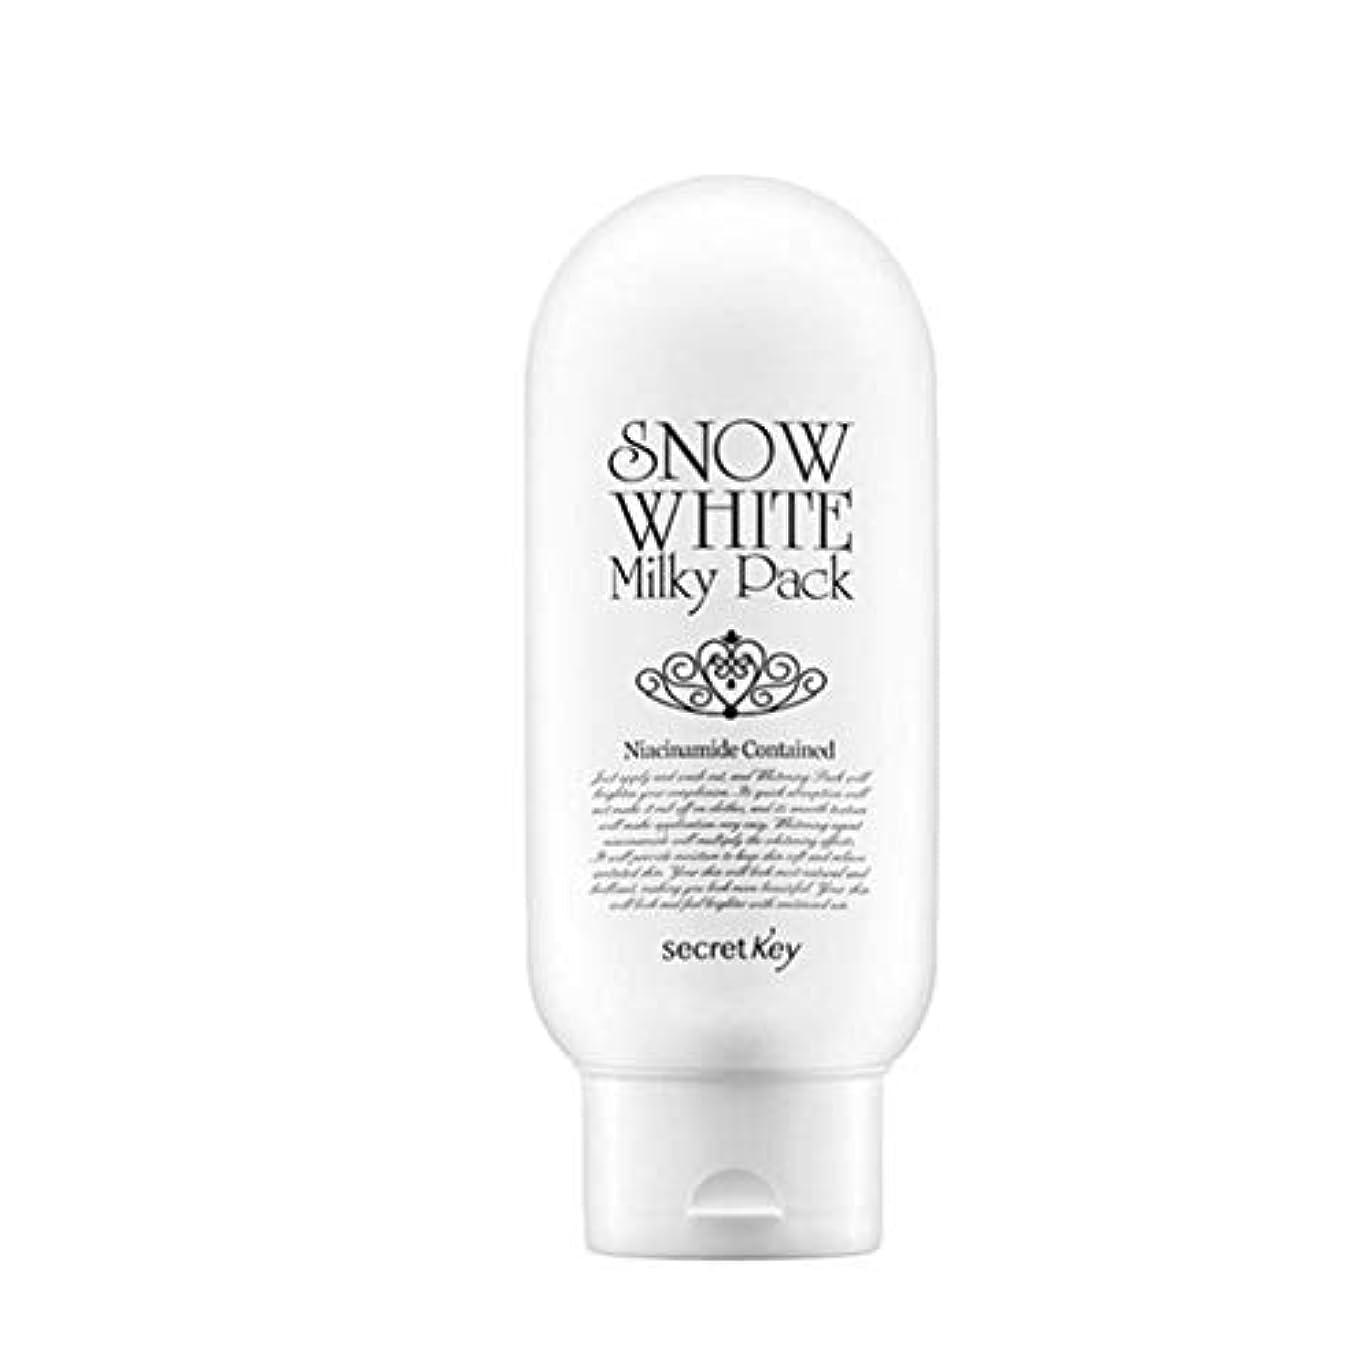 キャンパス交響曲パッドシークレットキースノーホワイトミルキーパック200g韓国コスメ、Secret Key Snow White Milky Pack 200g Korean Cosmetics [並行輸入品]